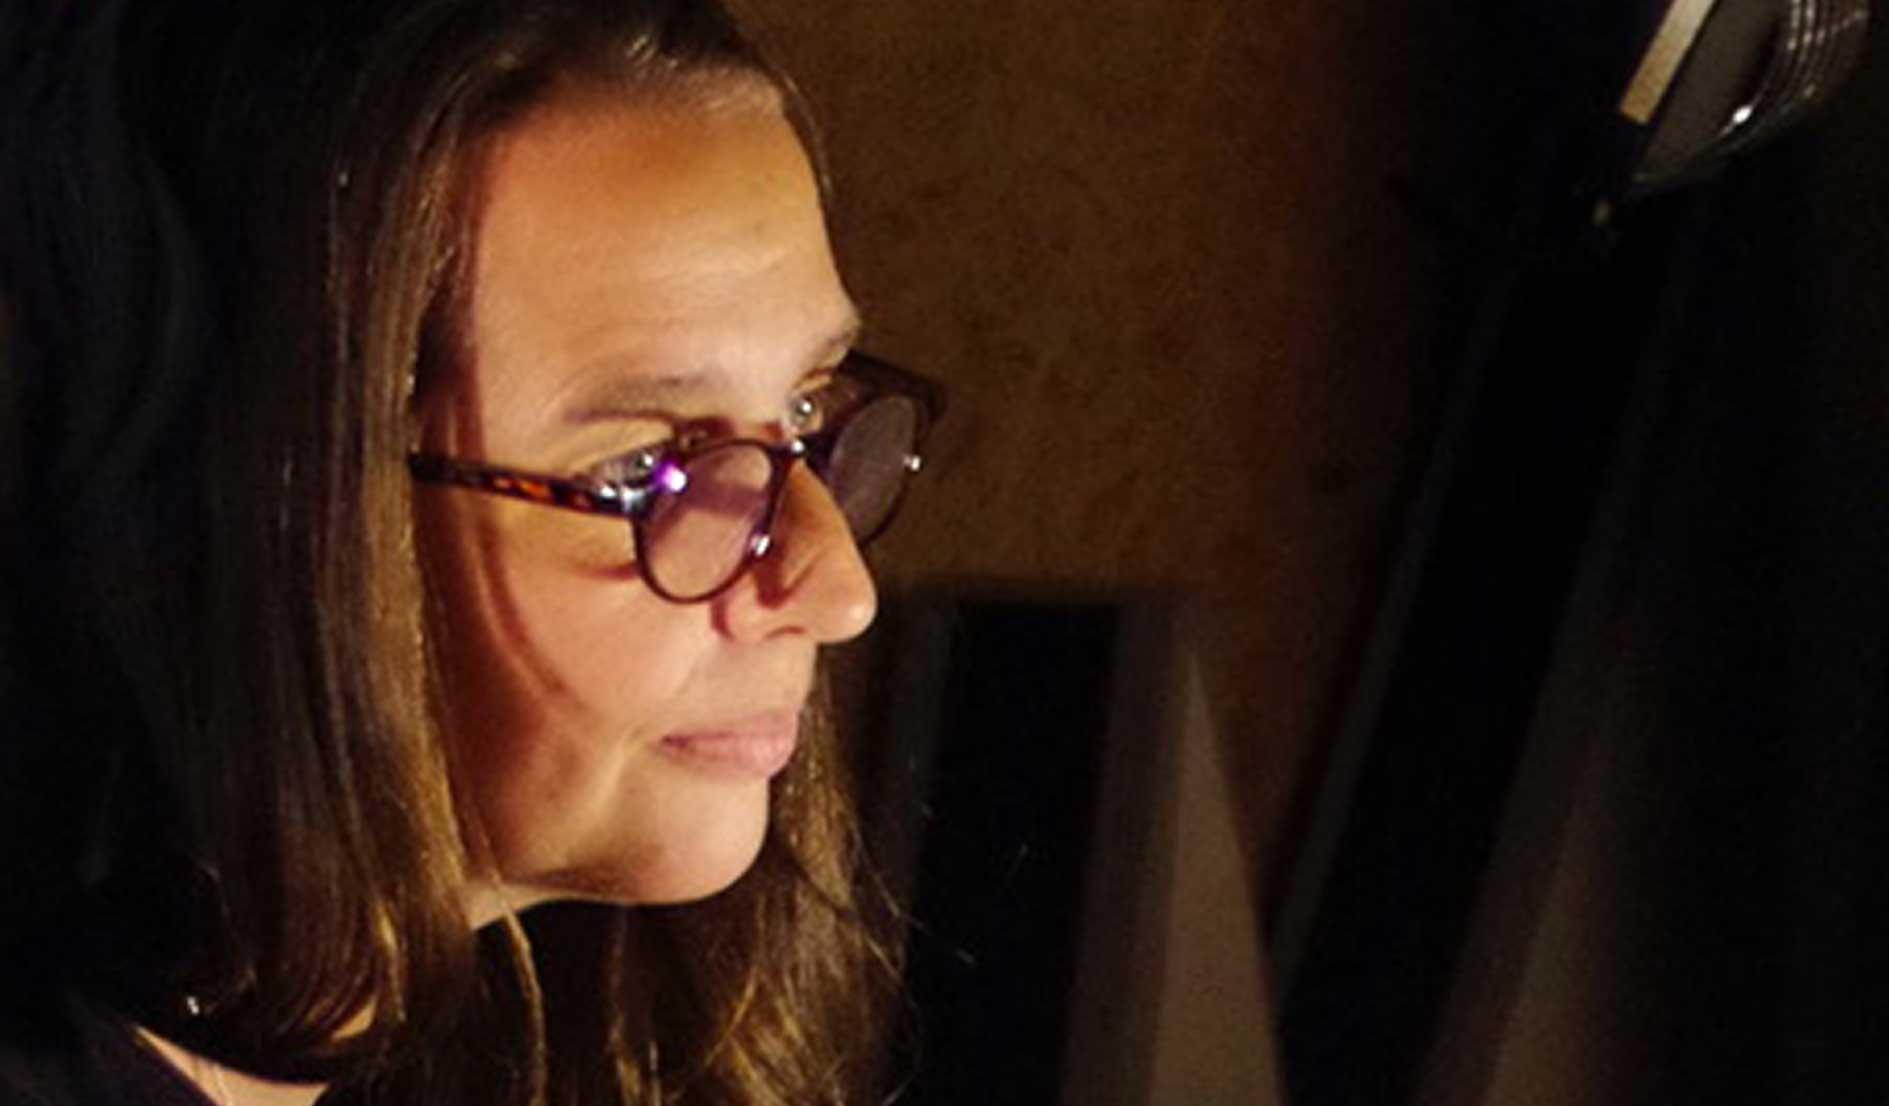 Jutta Polić ist im Halbprofil im Tonstudio von Dietrich Petzold zu sehen. Ein kleiner Baustrahler beleuchtet ihr Gesicht. Konzentriert blickt sie nach rechts, dort saß die Sprecherin, Nadja Schulz-Berlinghoff vor einem Bildschirm.